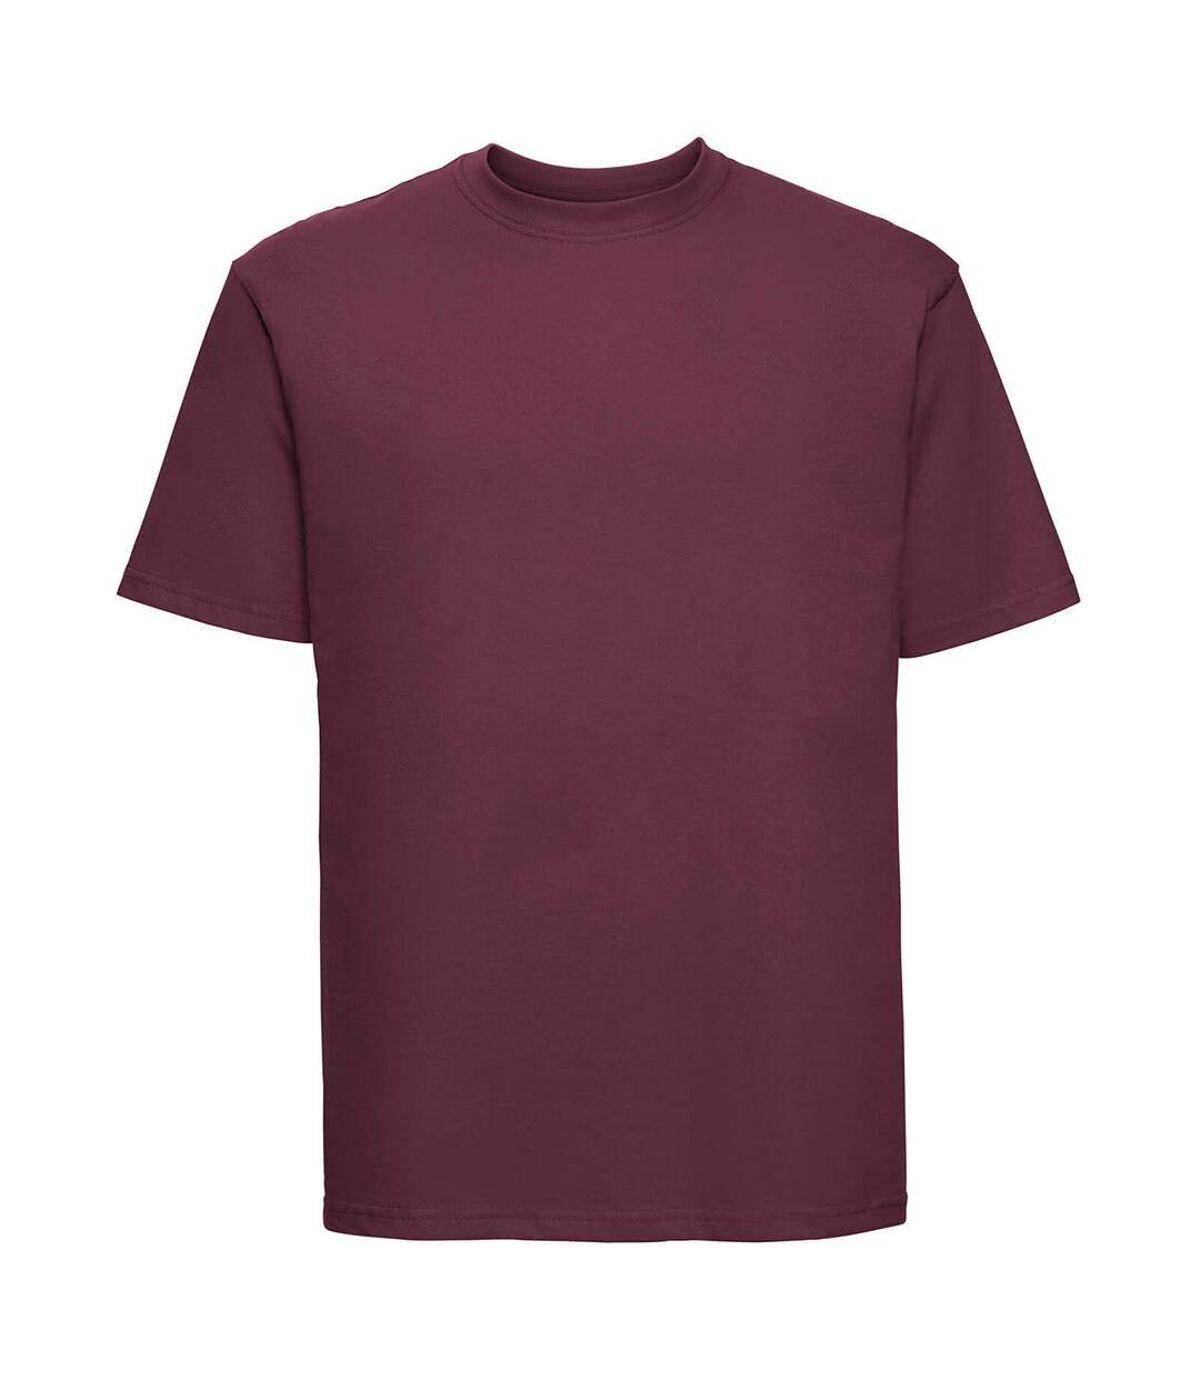 Russell - T-shirt à manches courtes - Homme (Bordeaux) - UTBC577